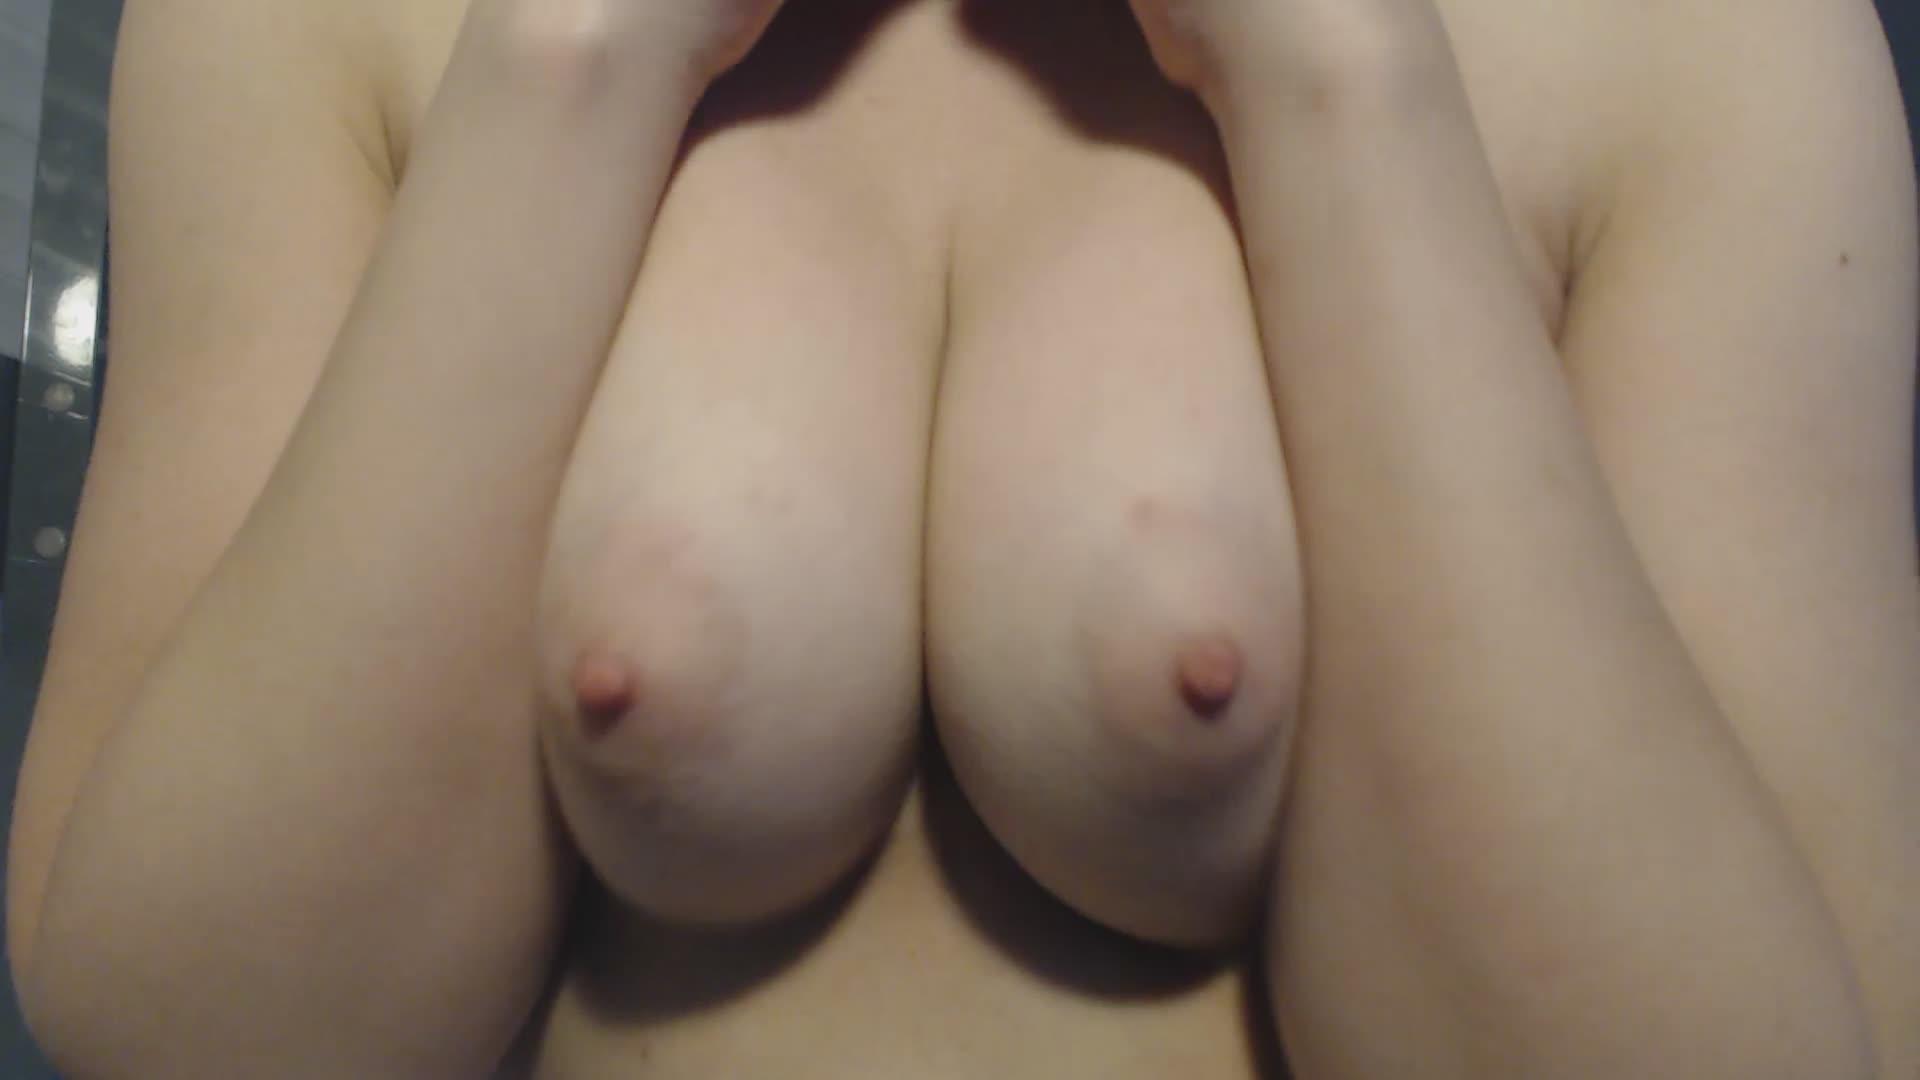 Mikayla_Moon'd vid